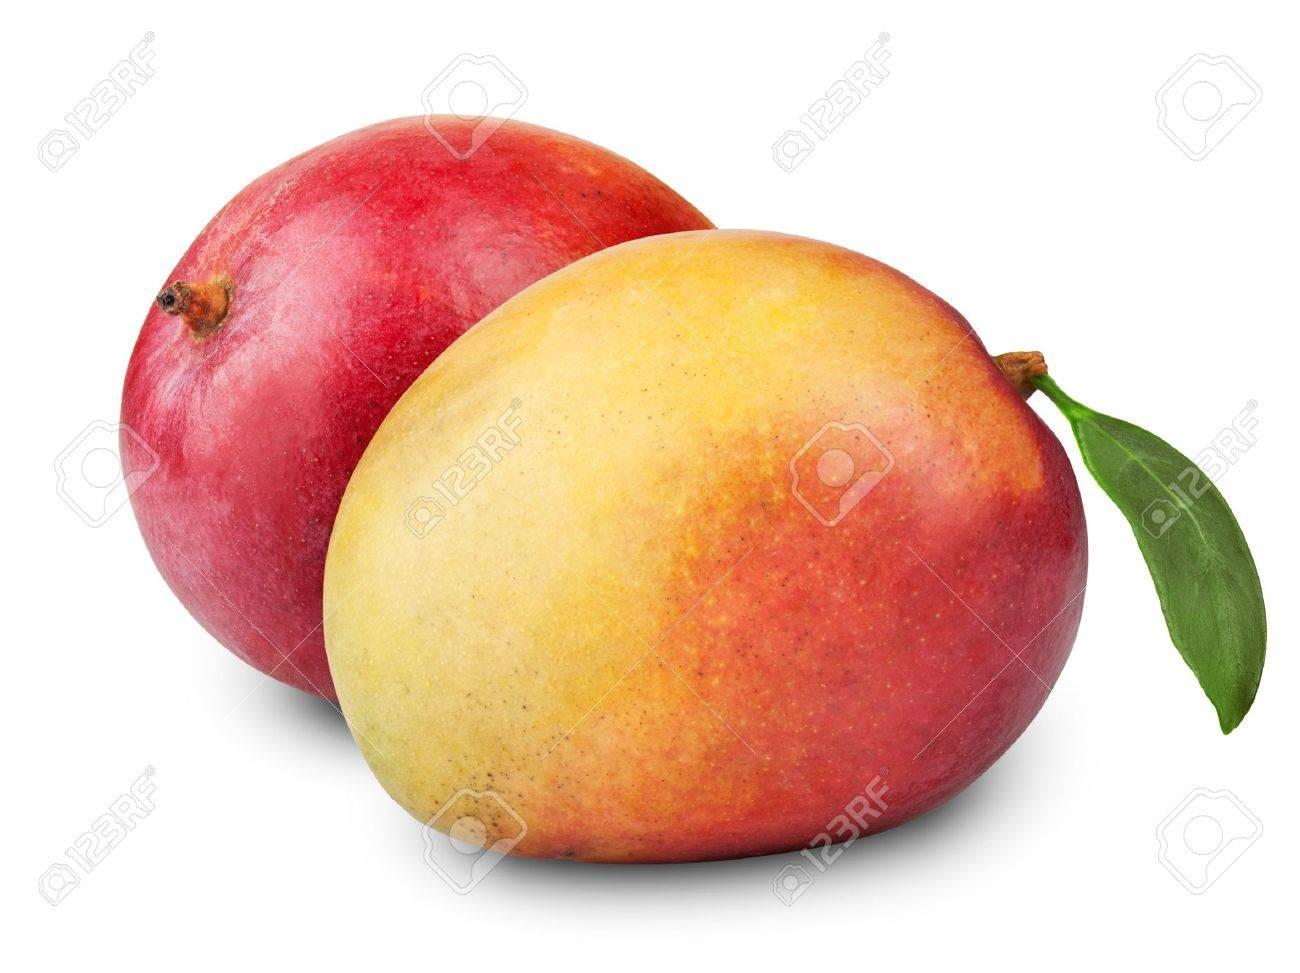 mango fruit on white background - 16904853